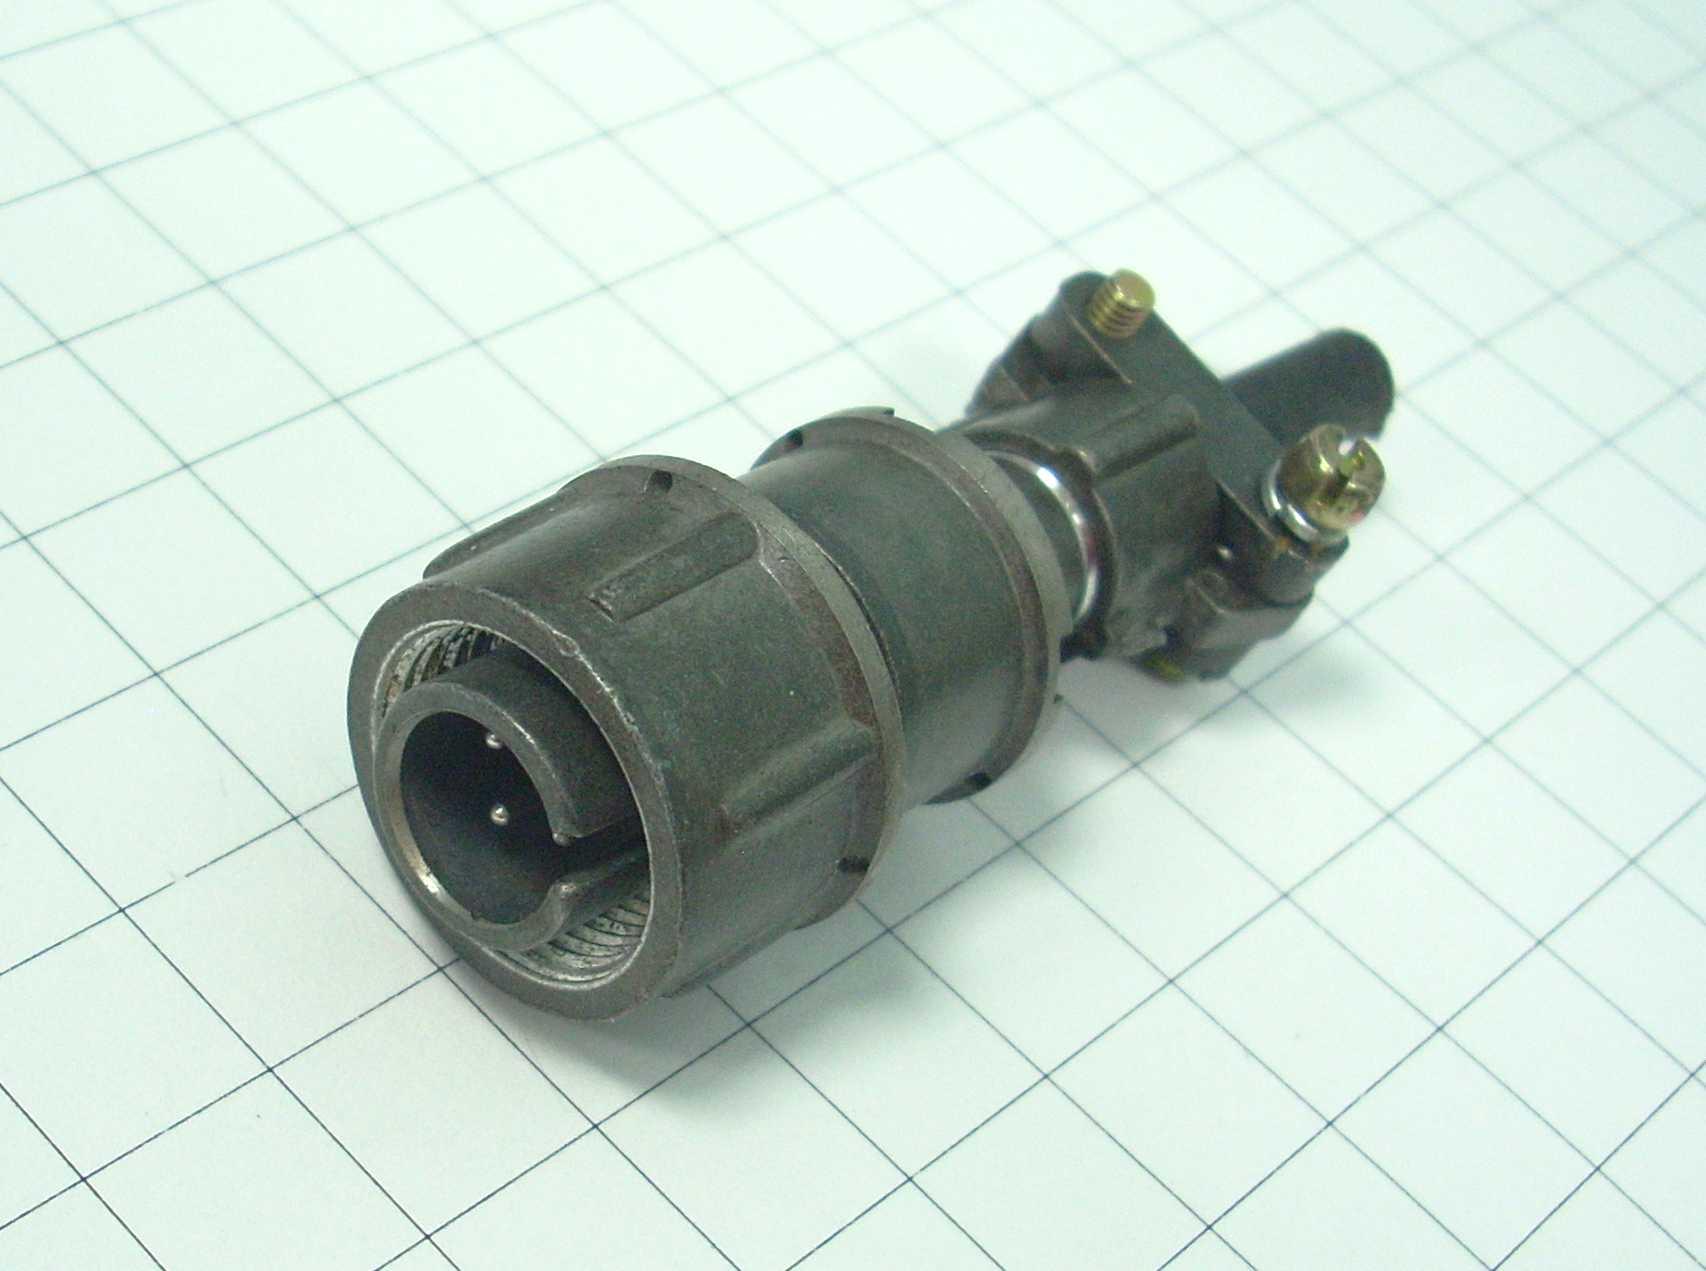 Разъем 2РМ14КПН4Ш1В1 для установки УИТ-85 М